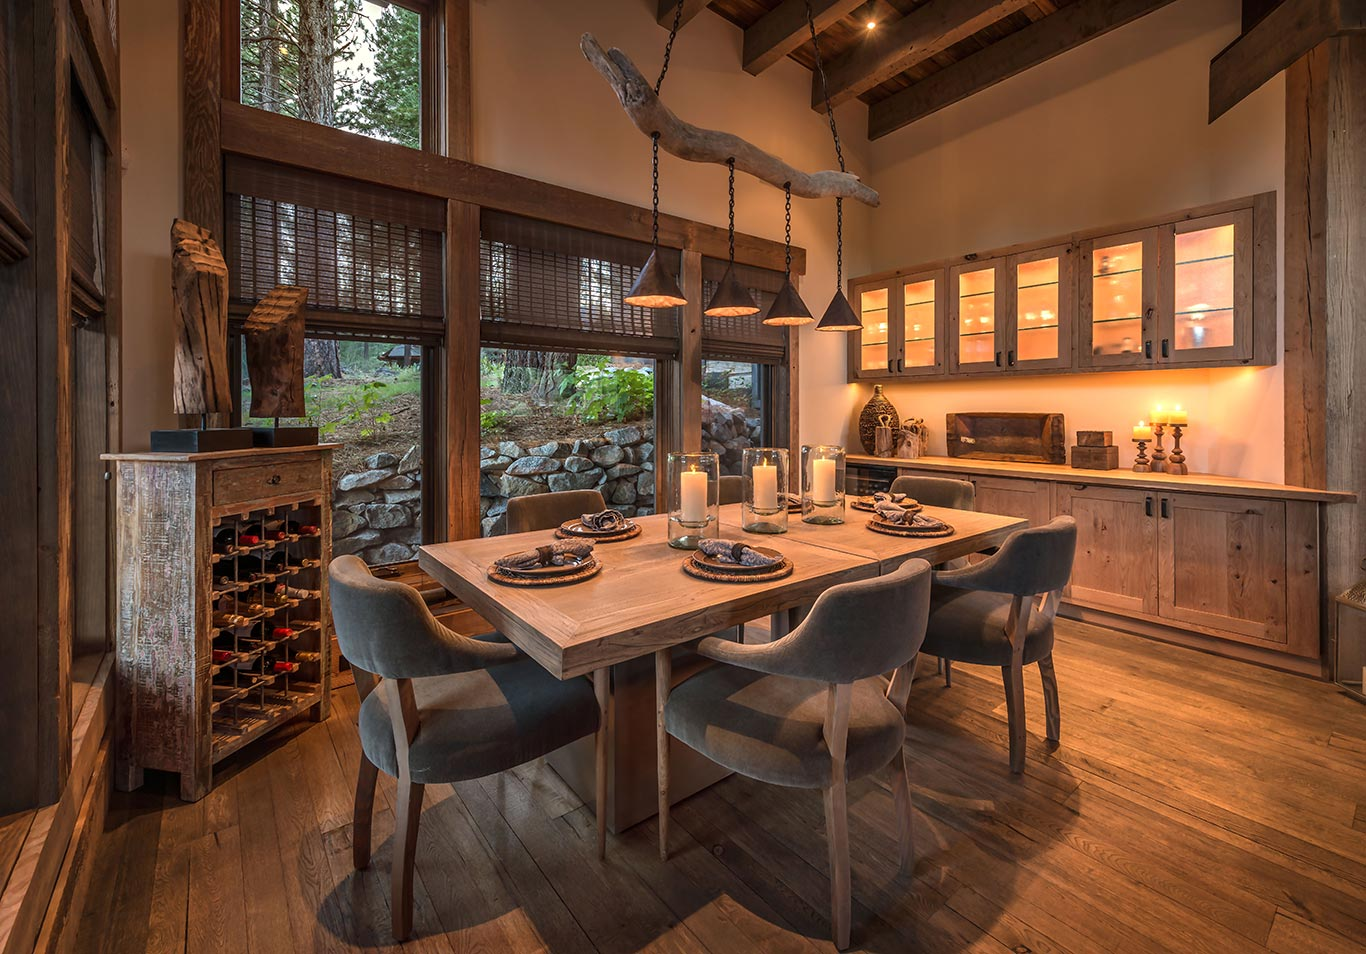 Rustikales Esszimmer Gestalten : Esszimmer rustikal gestalten wohnzimmer rustikal modern